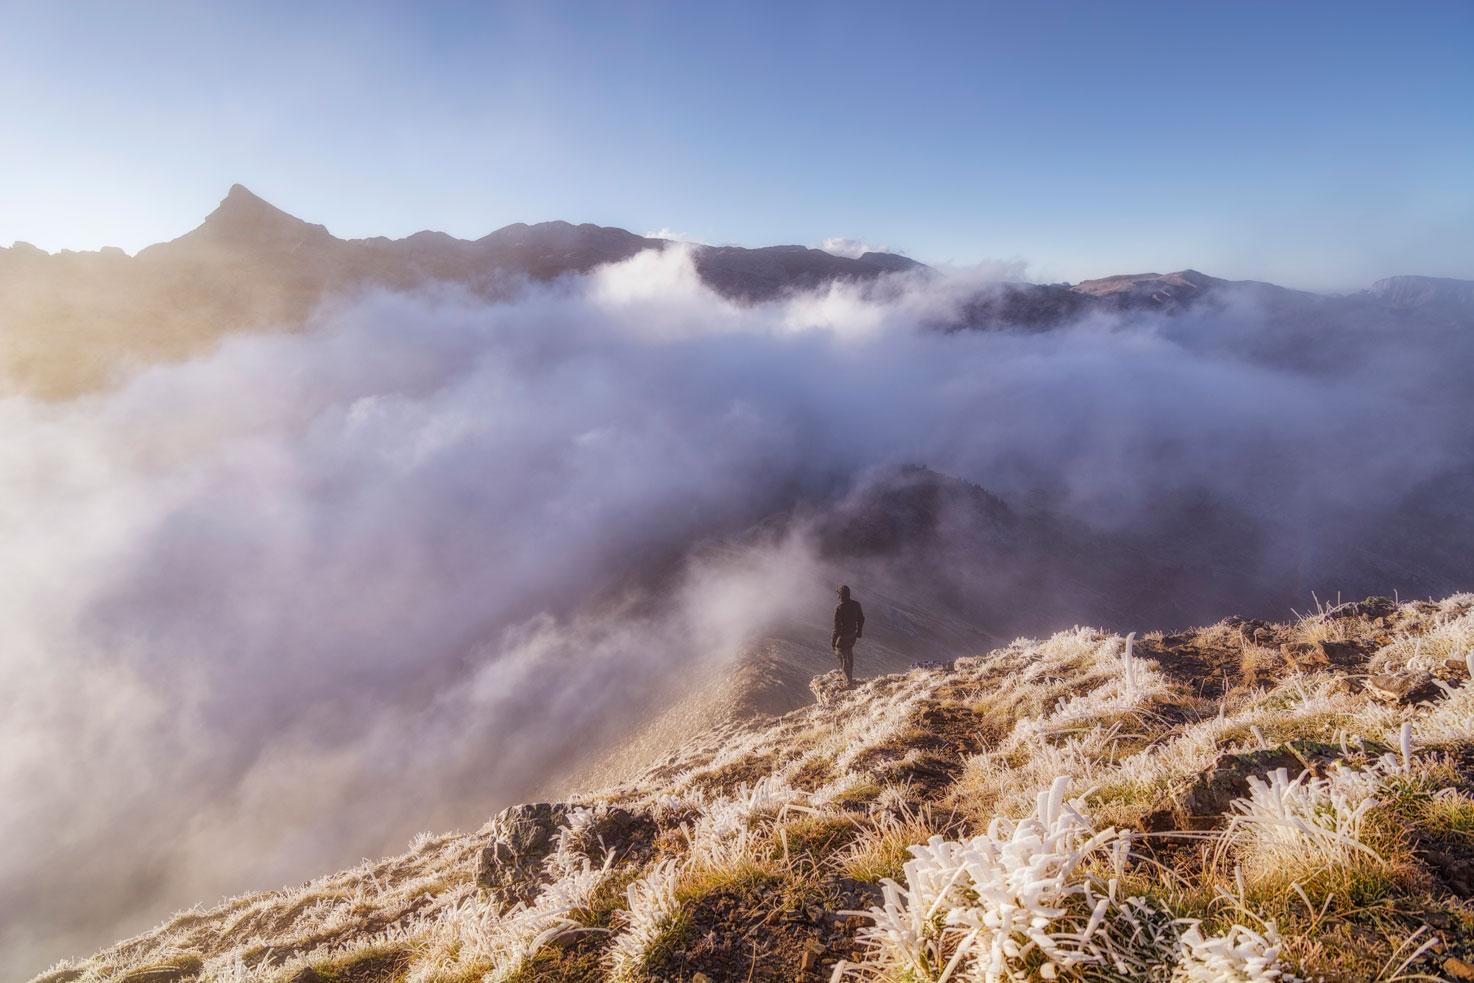 Comienza el frío, Larra. - Archivo - Iñaki Larrea, Fotografía de naturaleza y montaña